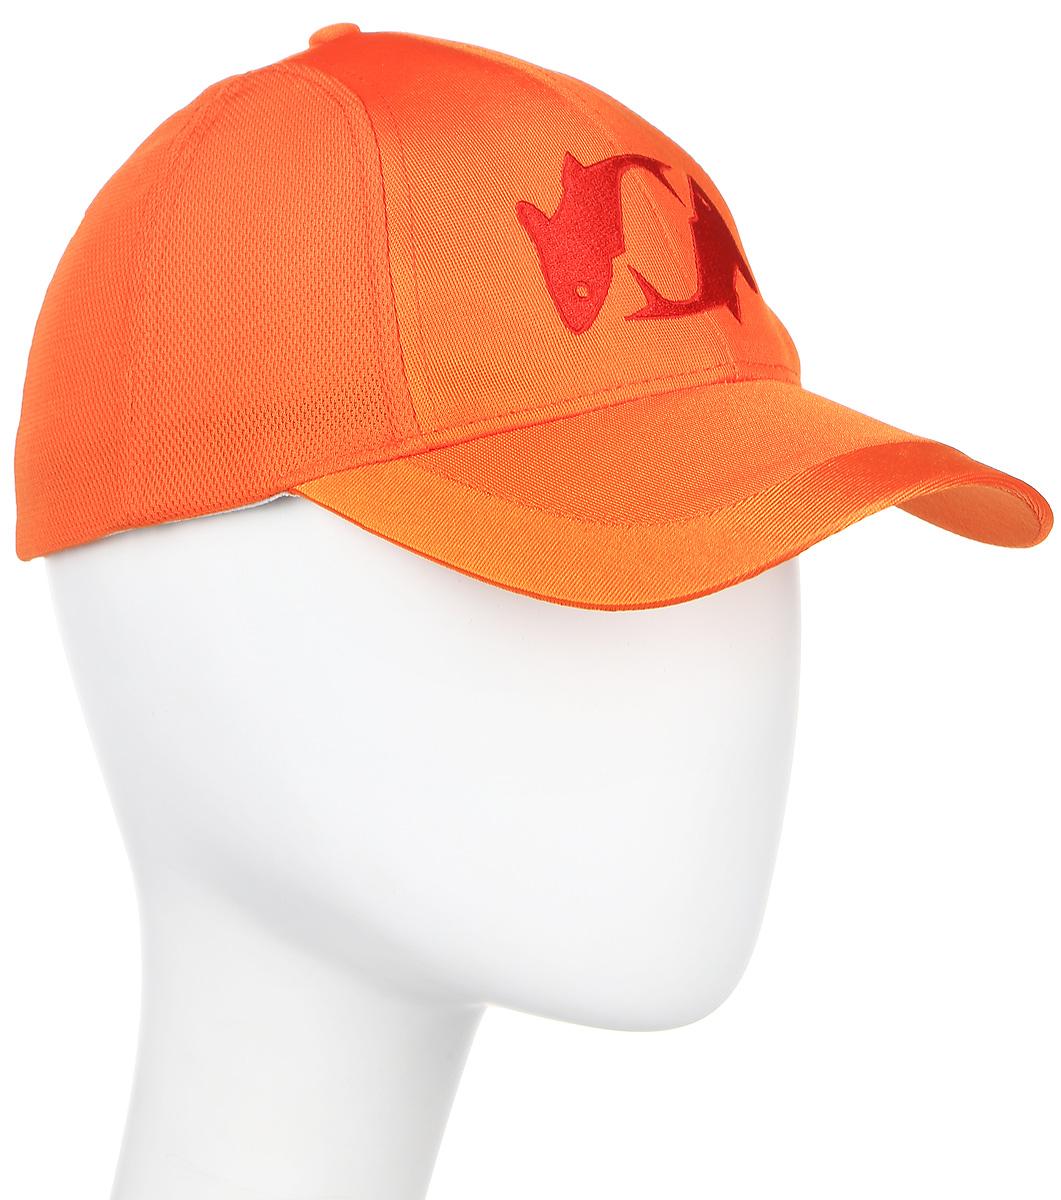 Бейсболка Tsuribito, цвет: оранжевый. 20362. Размер универсальный20362Бейсболка разработана специально для людей, ведущих активный образ жизни. Полиуретановый материал делает бейсболку прочной, а абсорбирующая лента позволяет носить бейсболку с комфортом, подходит для любого размера головы.